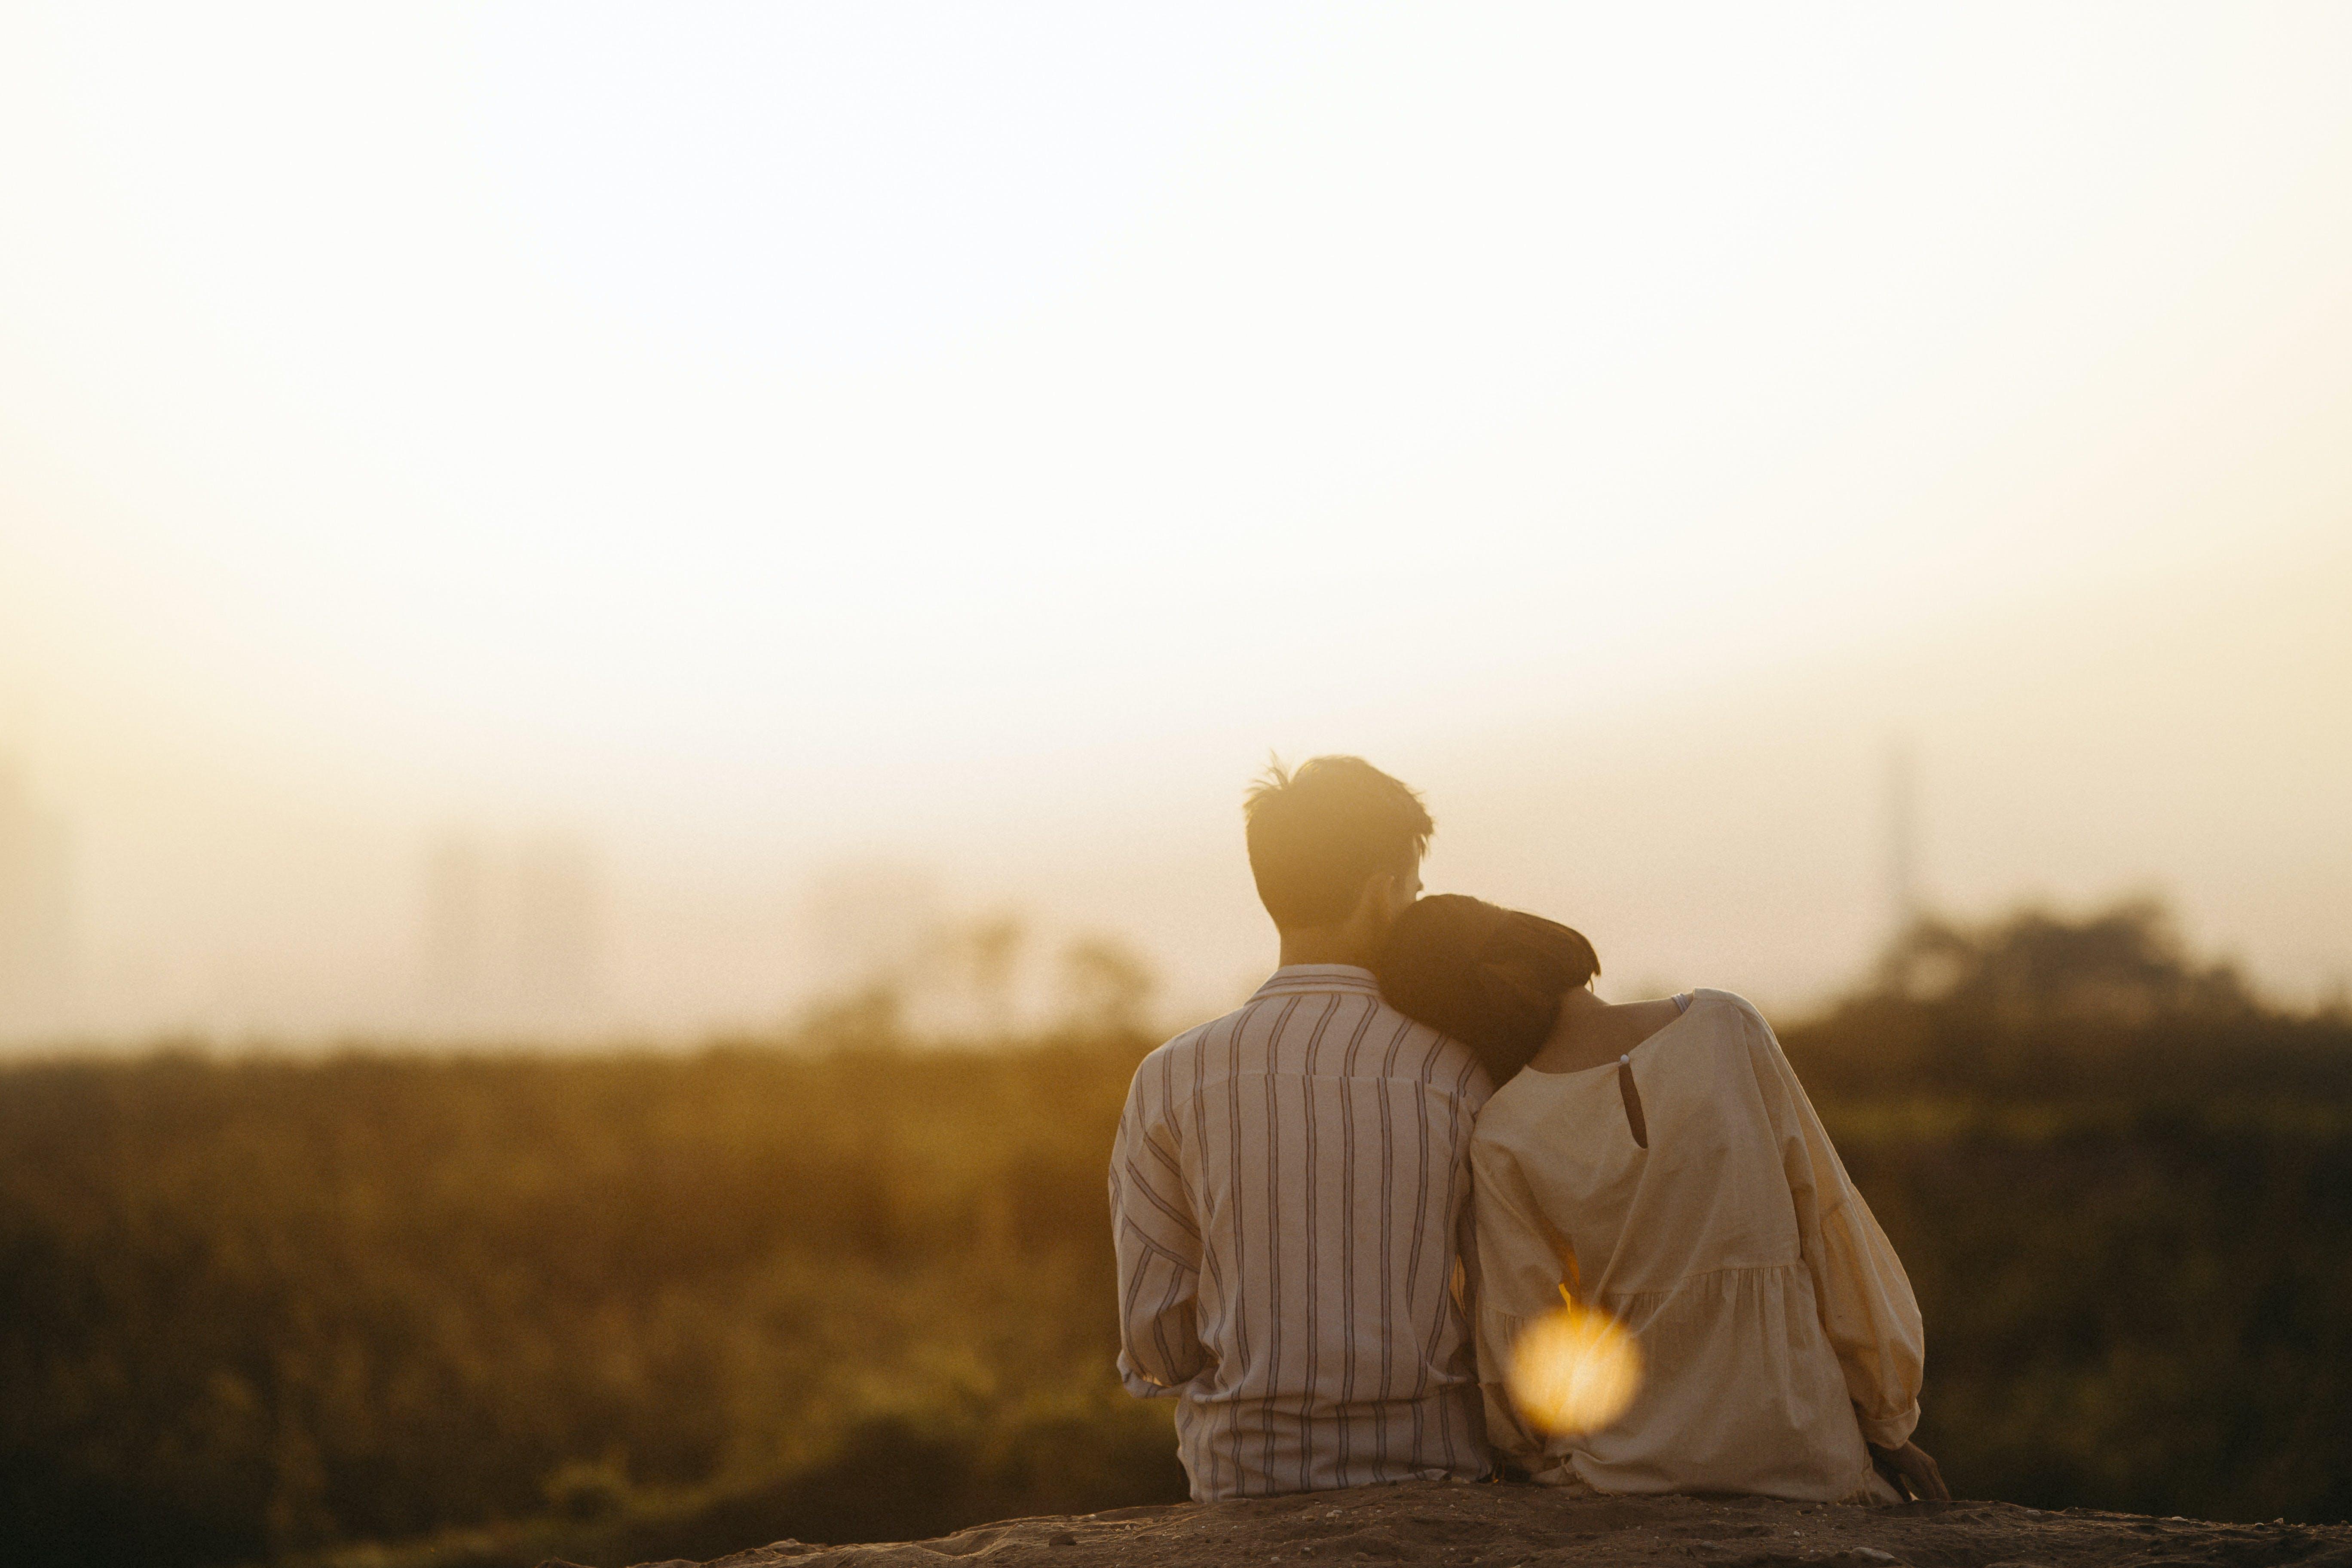 Kostnadsfri bild av bakgrundsbelyst, flicka, fotografering, kärlek